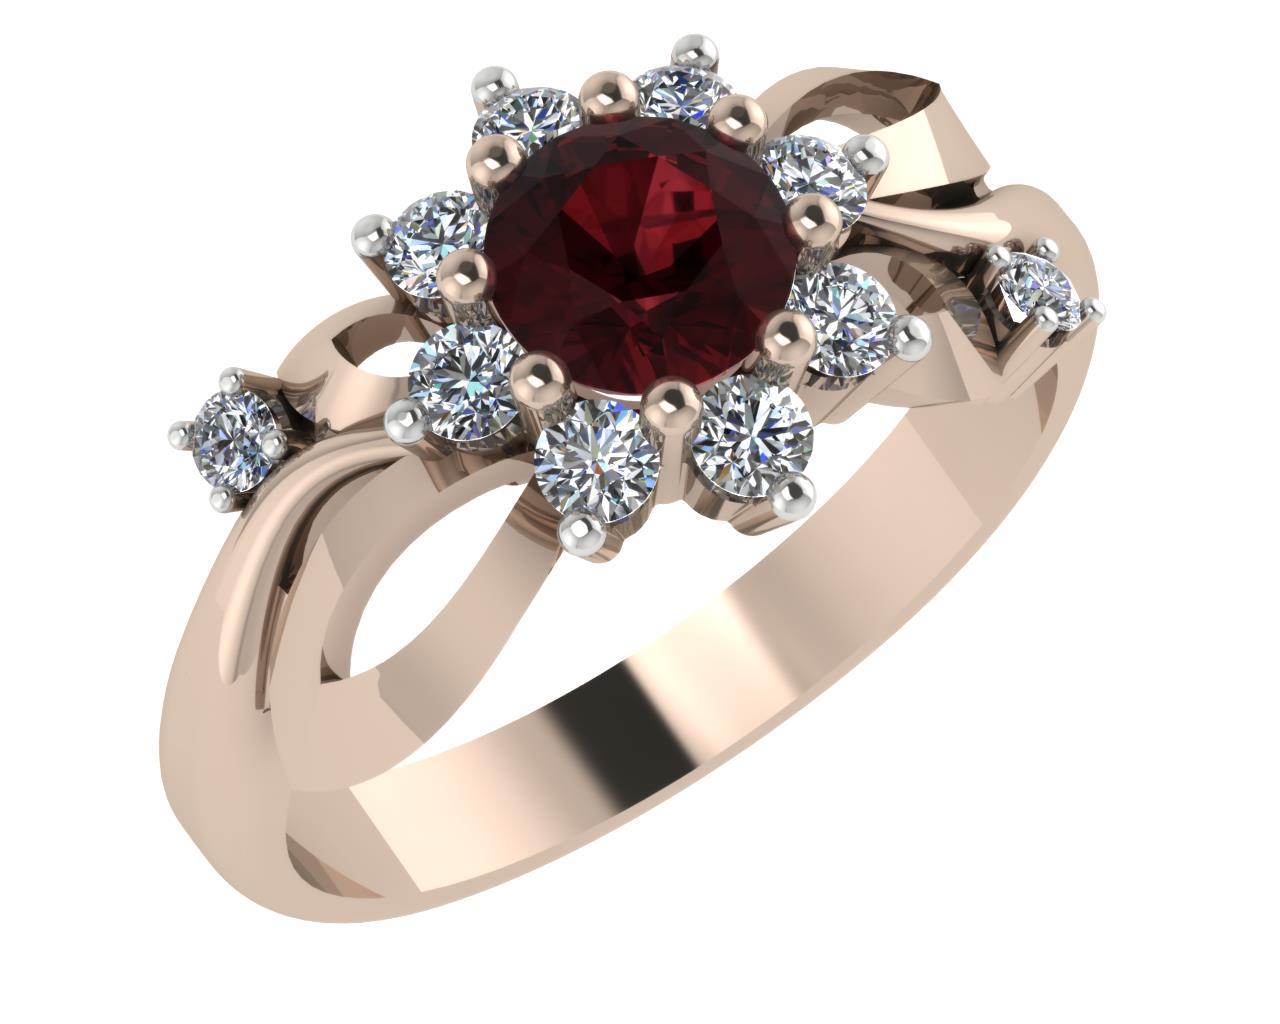 Золотое кольцо Гранат и Фианит арт. 1022581-11130-г 1022581-11130-г